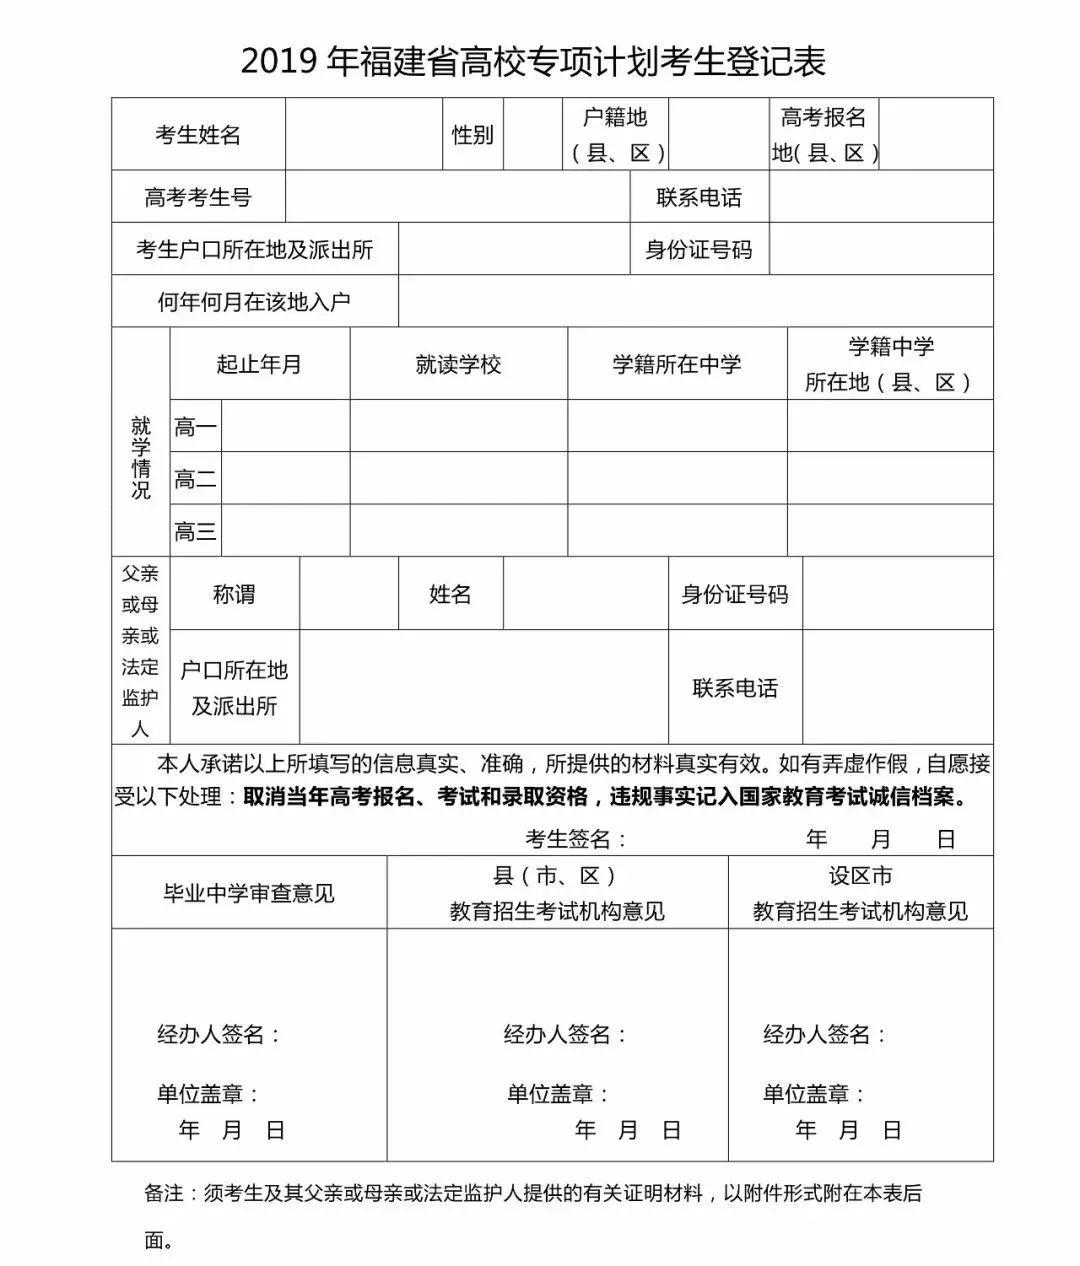 好消息,在福安高考有优惠 2019高校专项计划报名启动